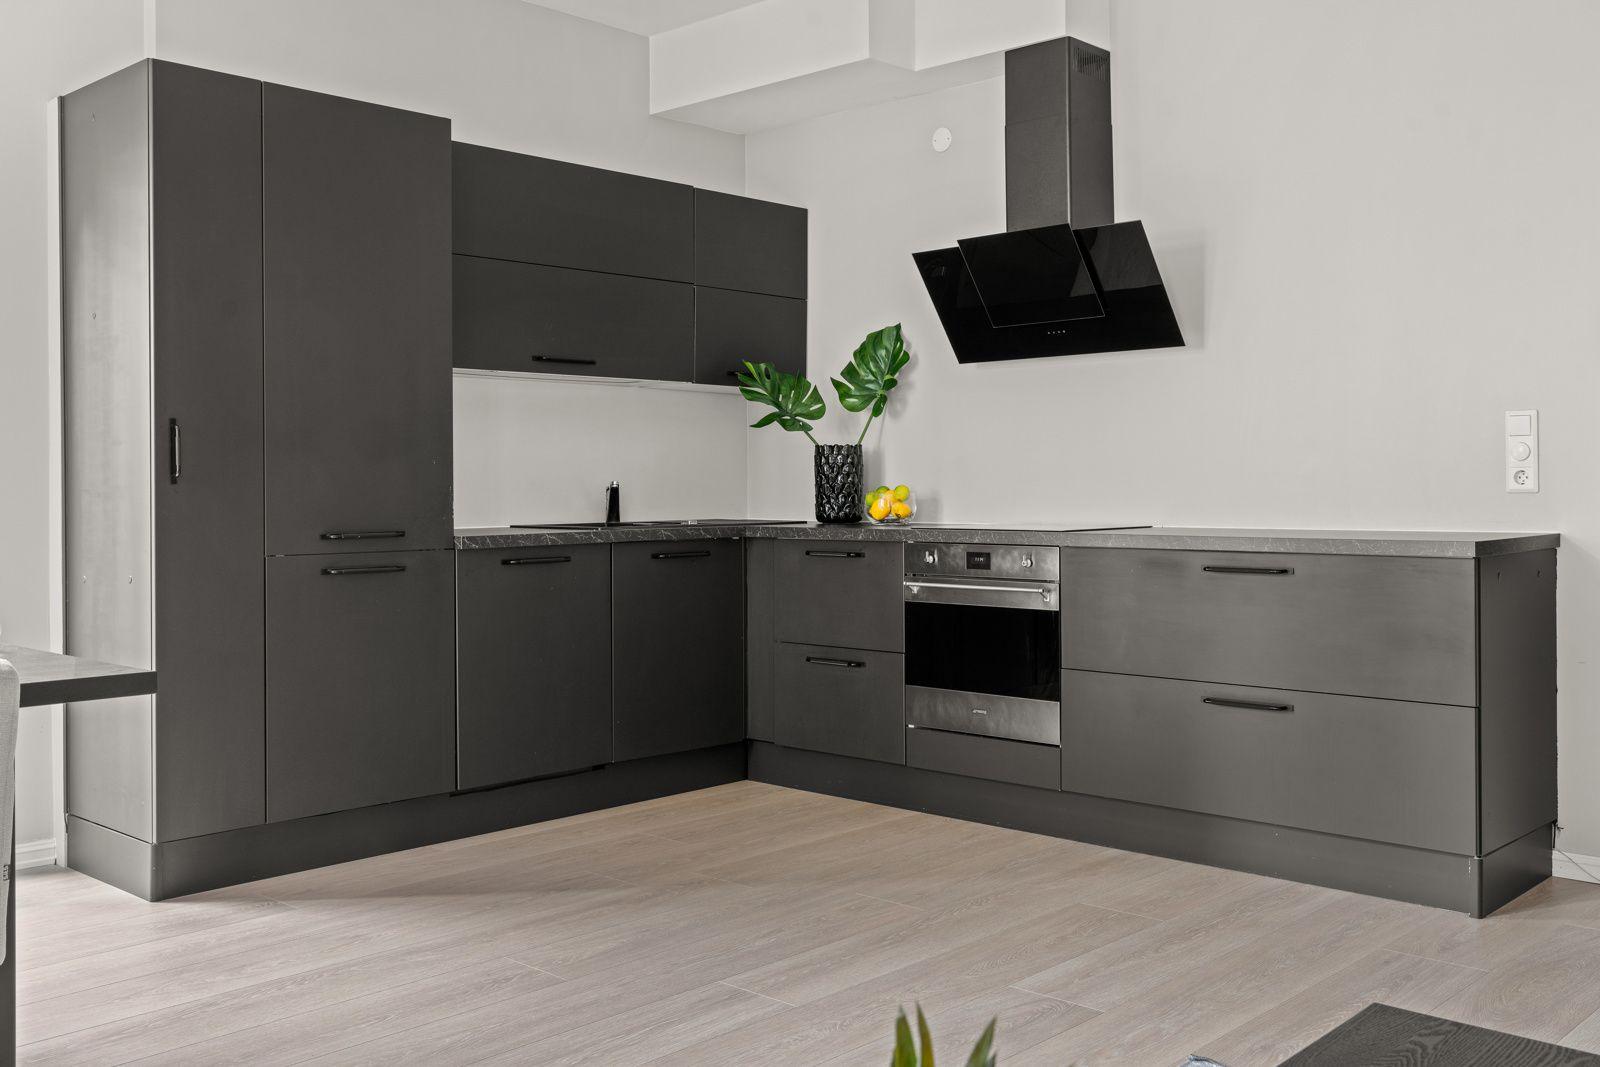 Teglverksgata 11 Kjøkkenet er utstyrt med integrert oppvaskmaskin, kjøleskap med fryser og stekeovn fra Smeg, samt platetopp og vifte fra Electrolux.